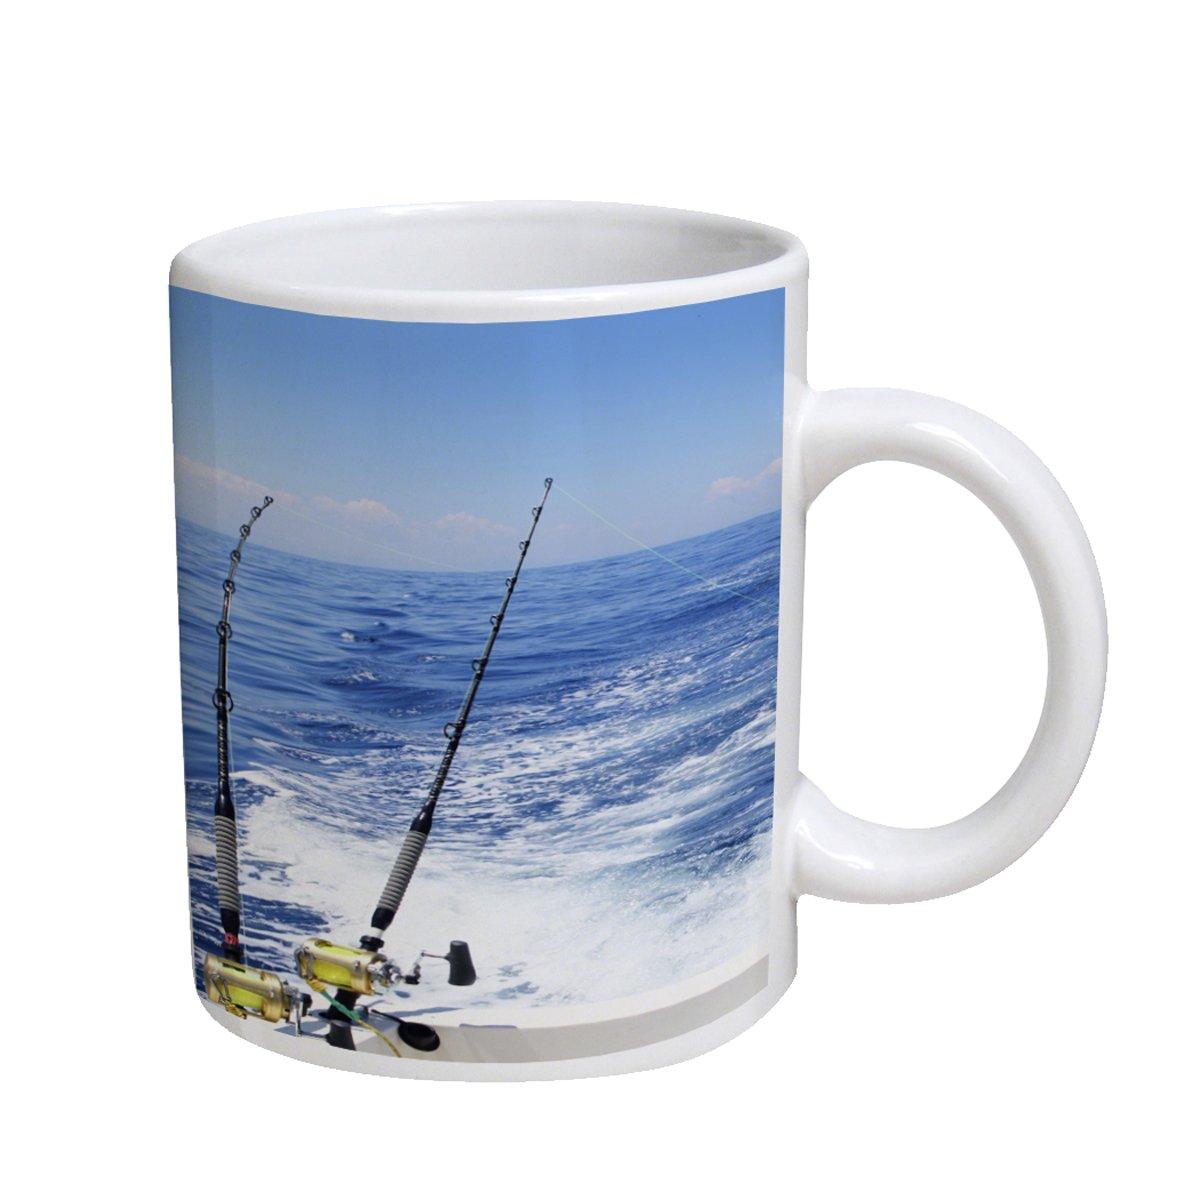 釣りリールオーシャンブルー11オンスコーヒーカップマグ 11オンス ホワイト FishingReelsOceanBlue B012EX3VGK  ホワイト